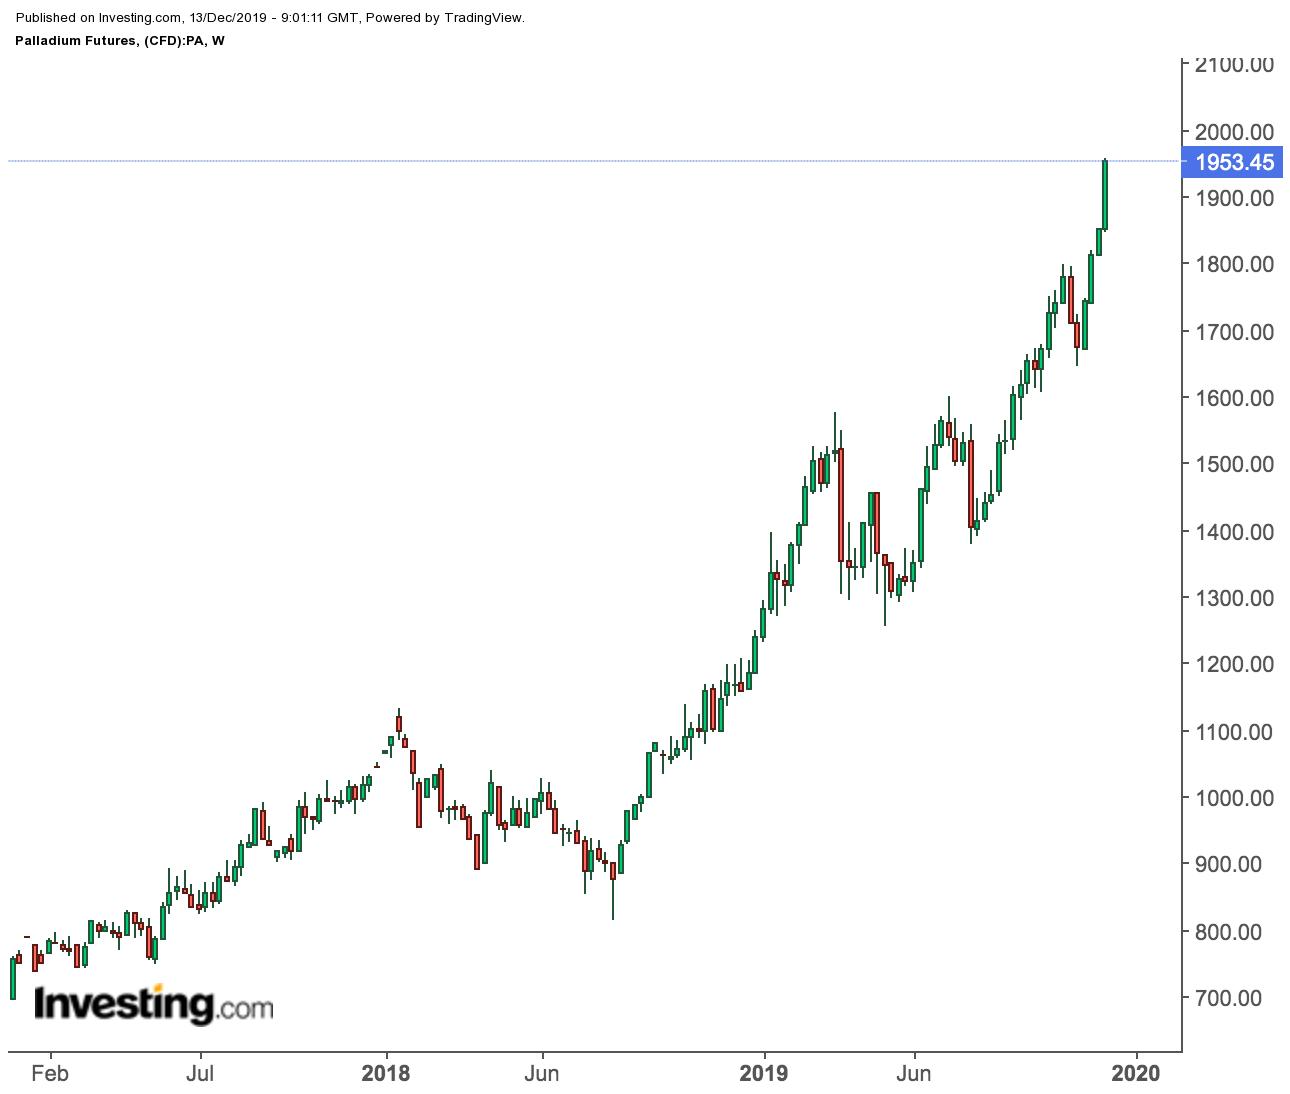 Palladium Futures Weekly Price Chart